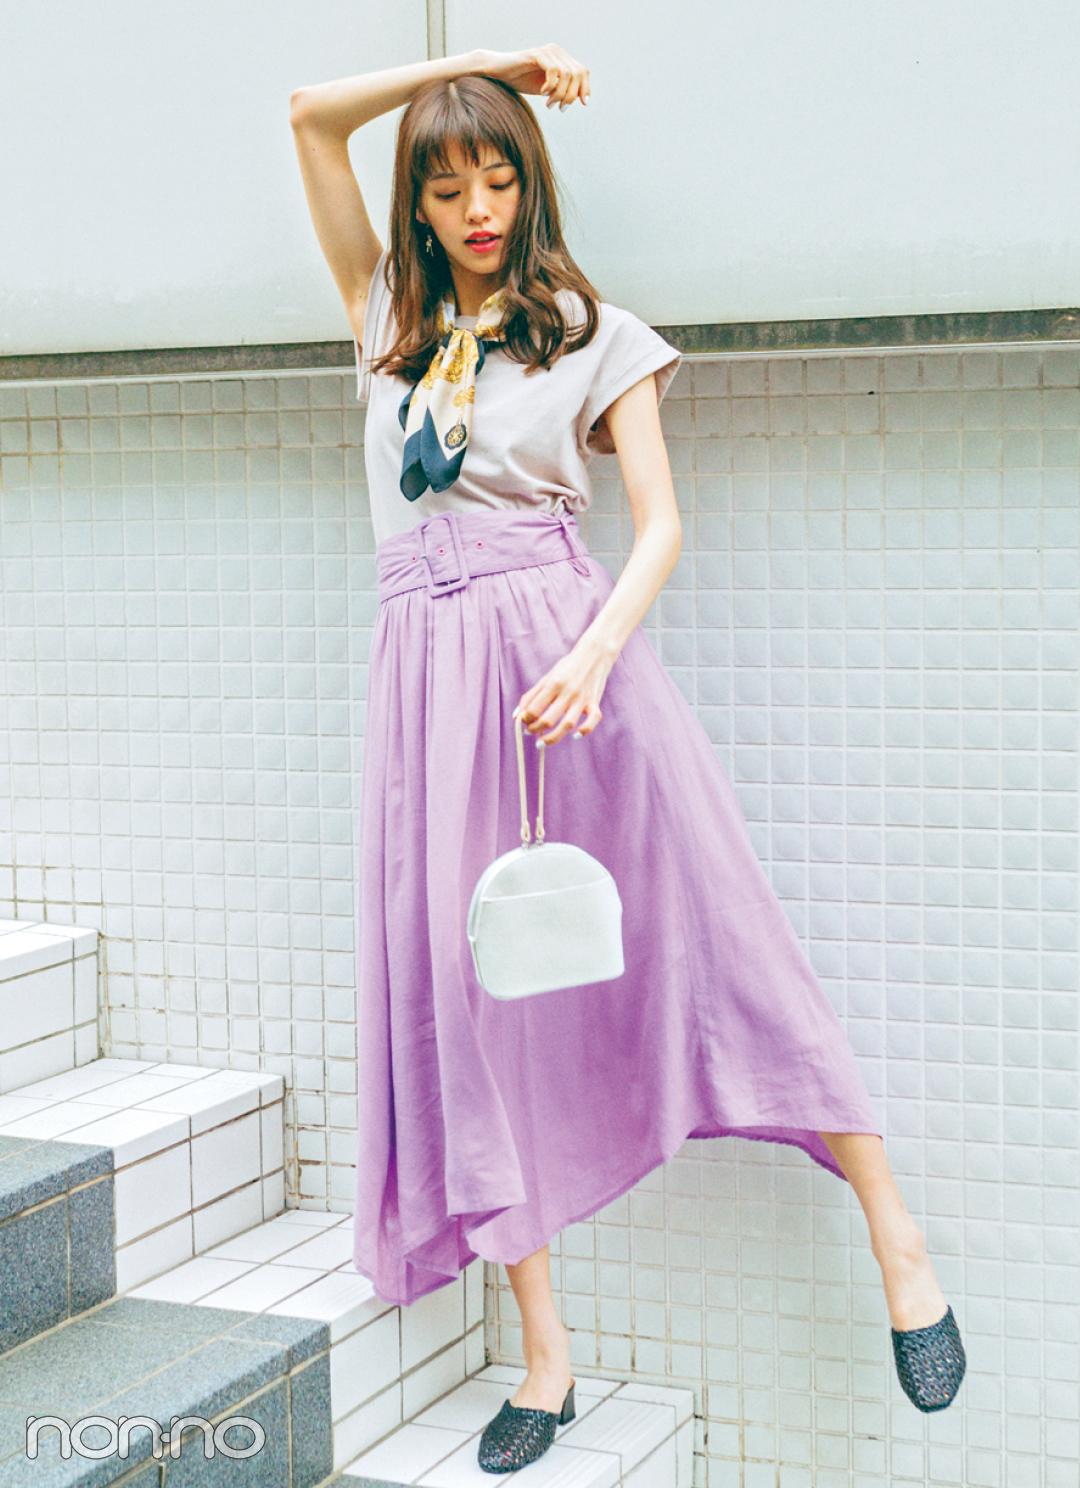 リネンスカートが夏のトレンドに急上昇! ネオナチュ&街リゾに欠かせない!_1_2